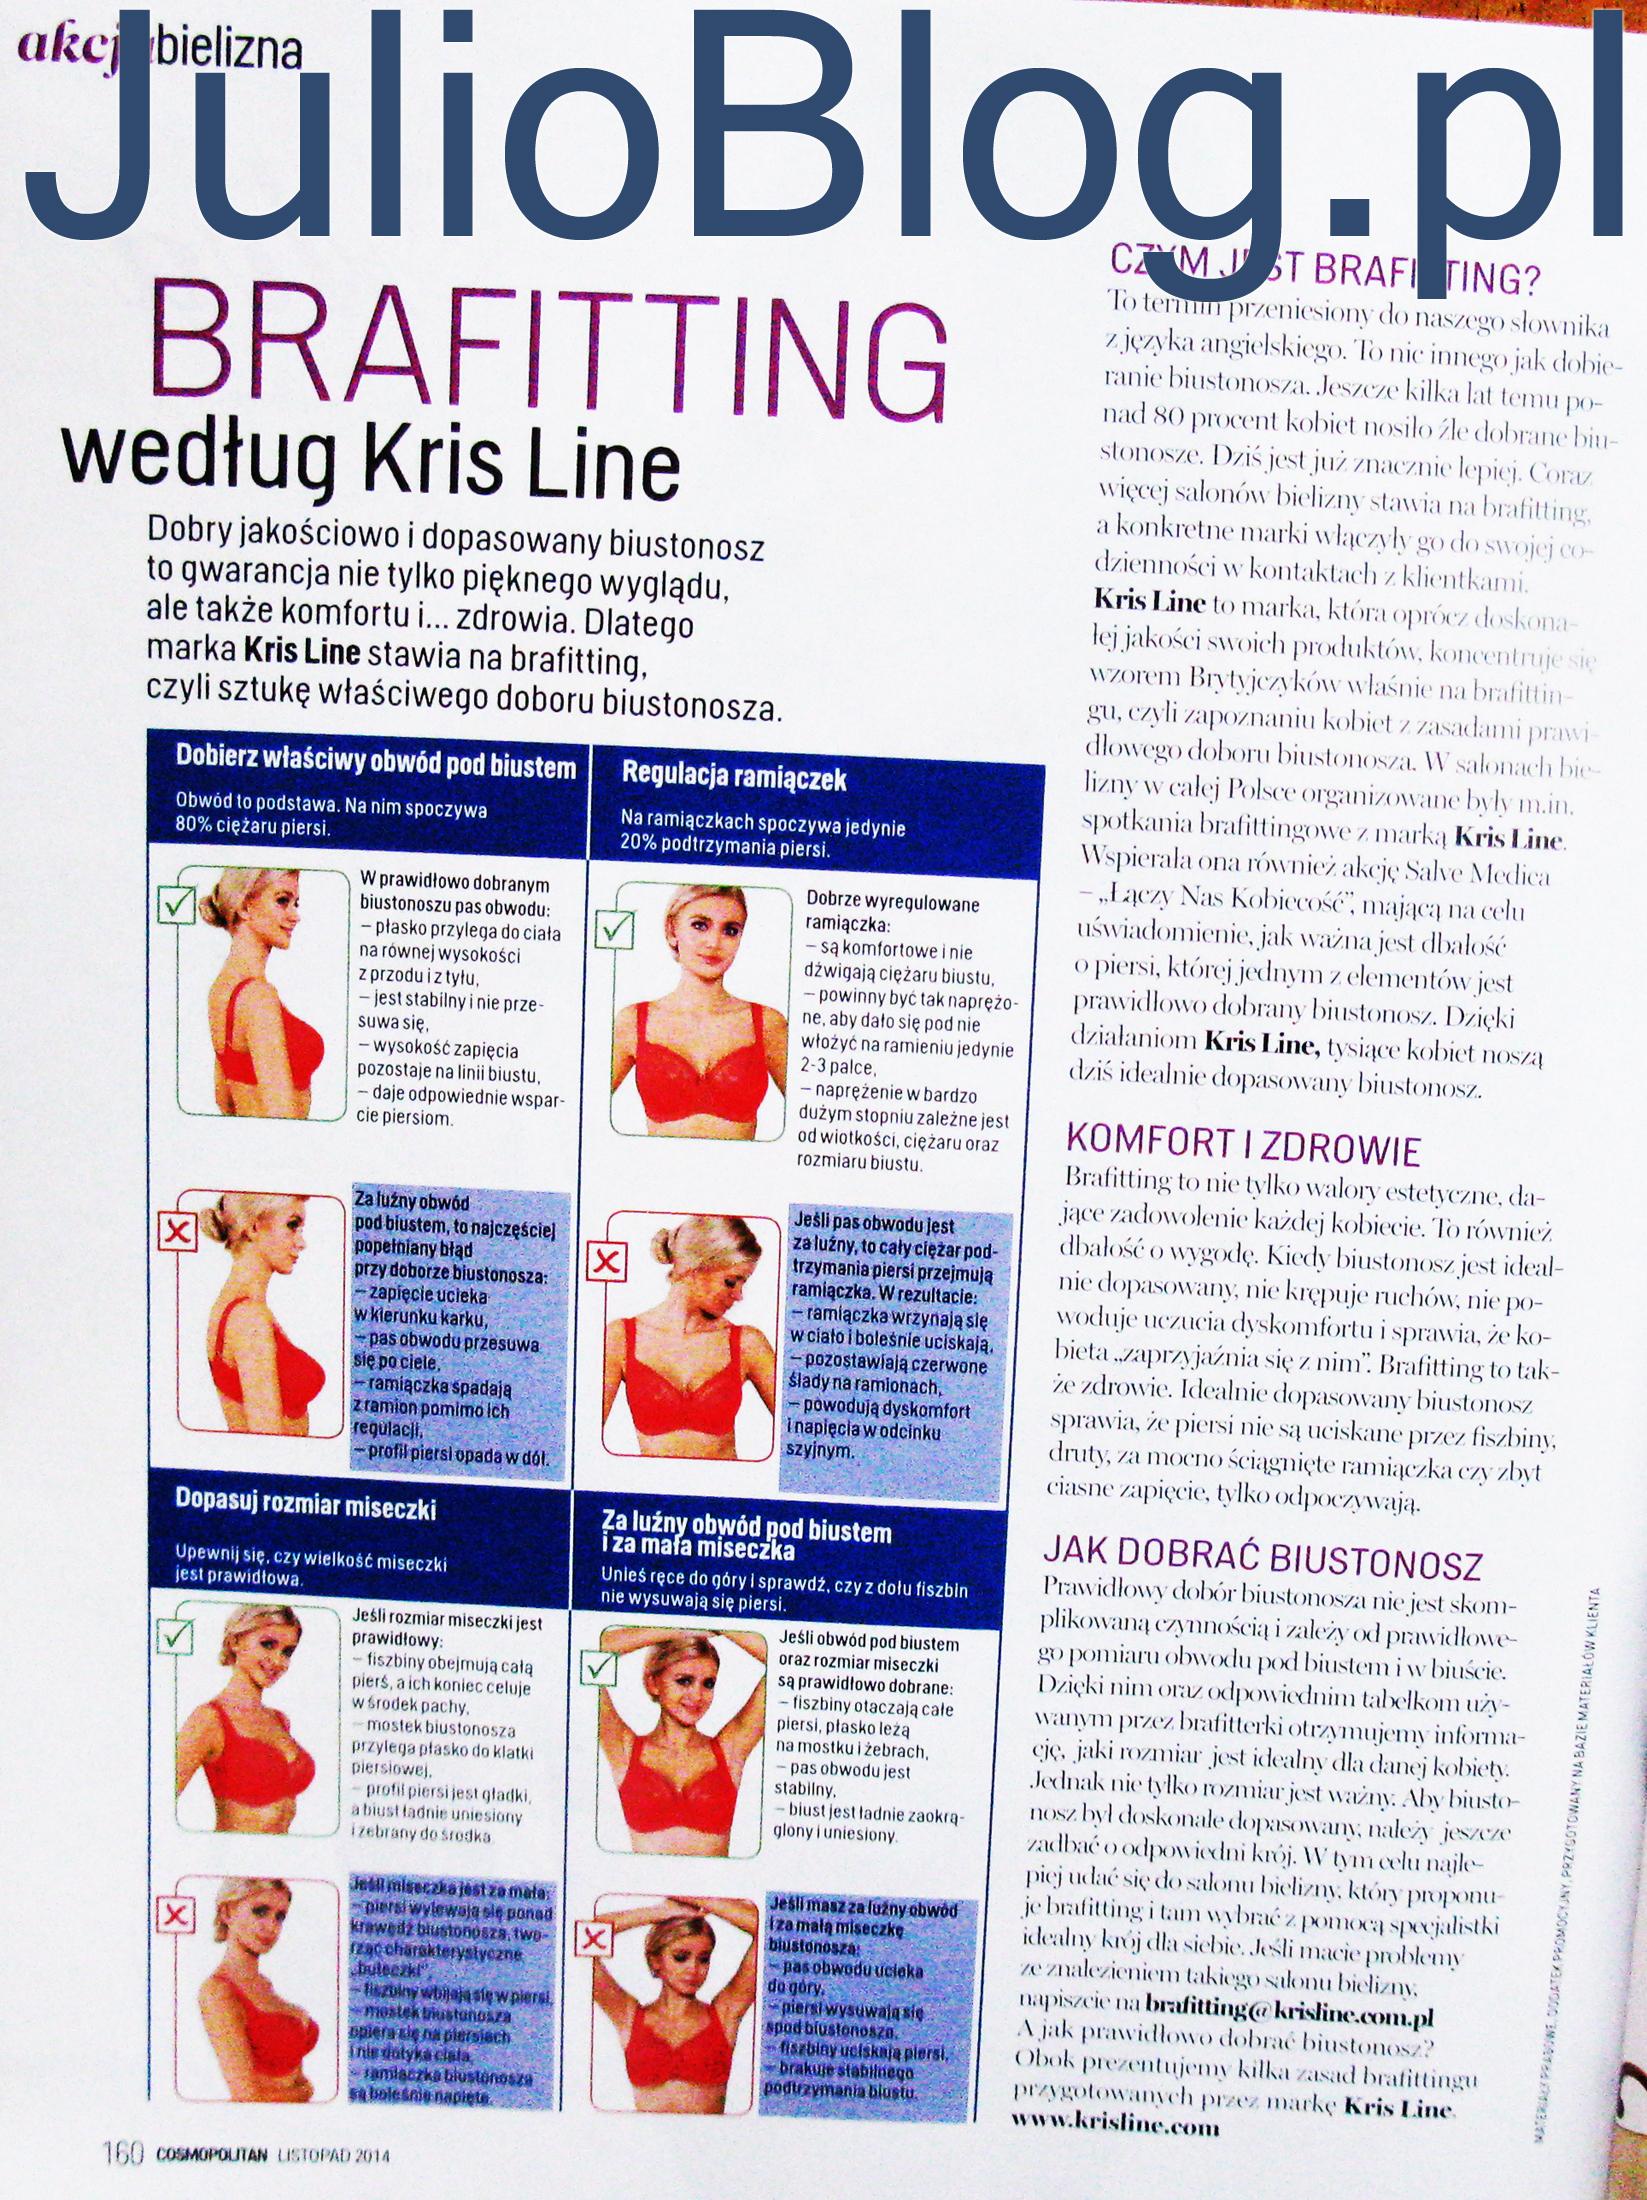 Brafitting wg Kris Line - artykuł w Cosopolitan na julioblog.pl